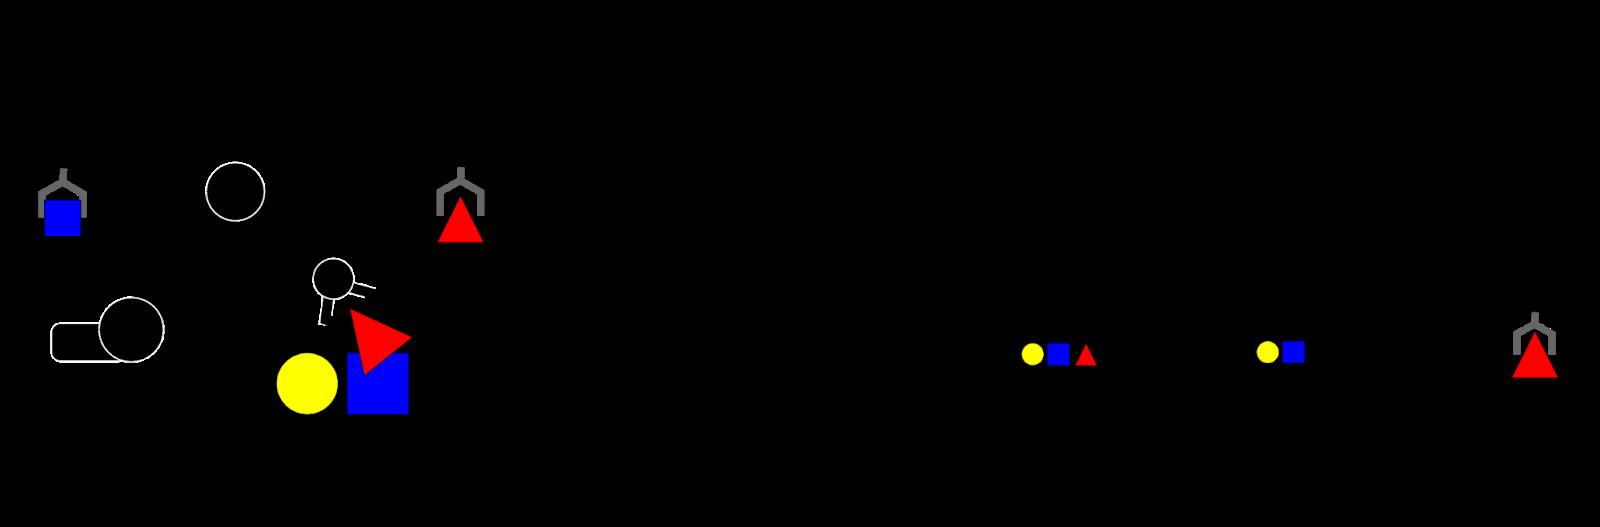 Grasp2Vec: обучение представлению объектов через захват с самостоятельным обучением - 1